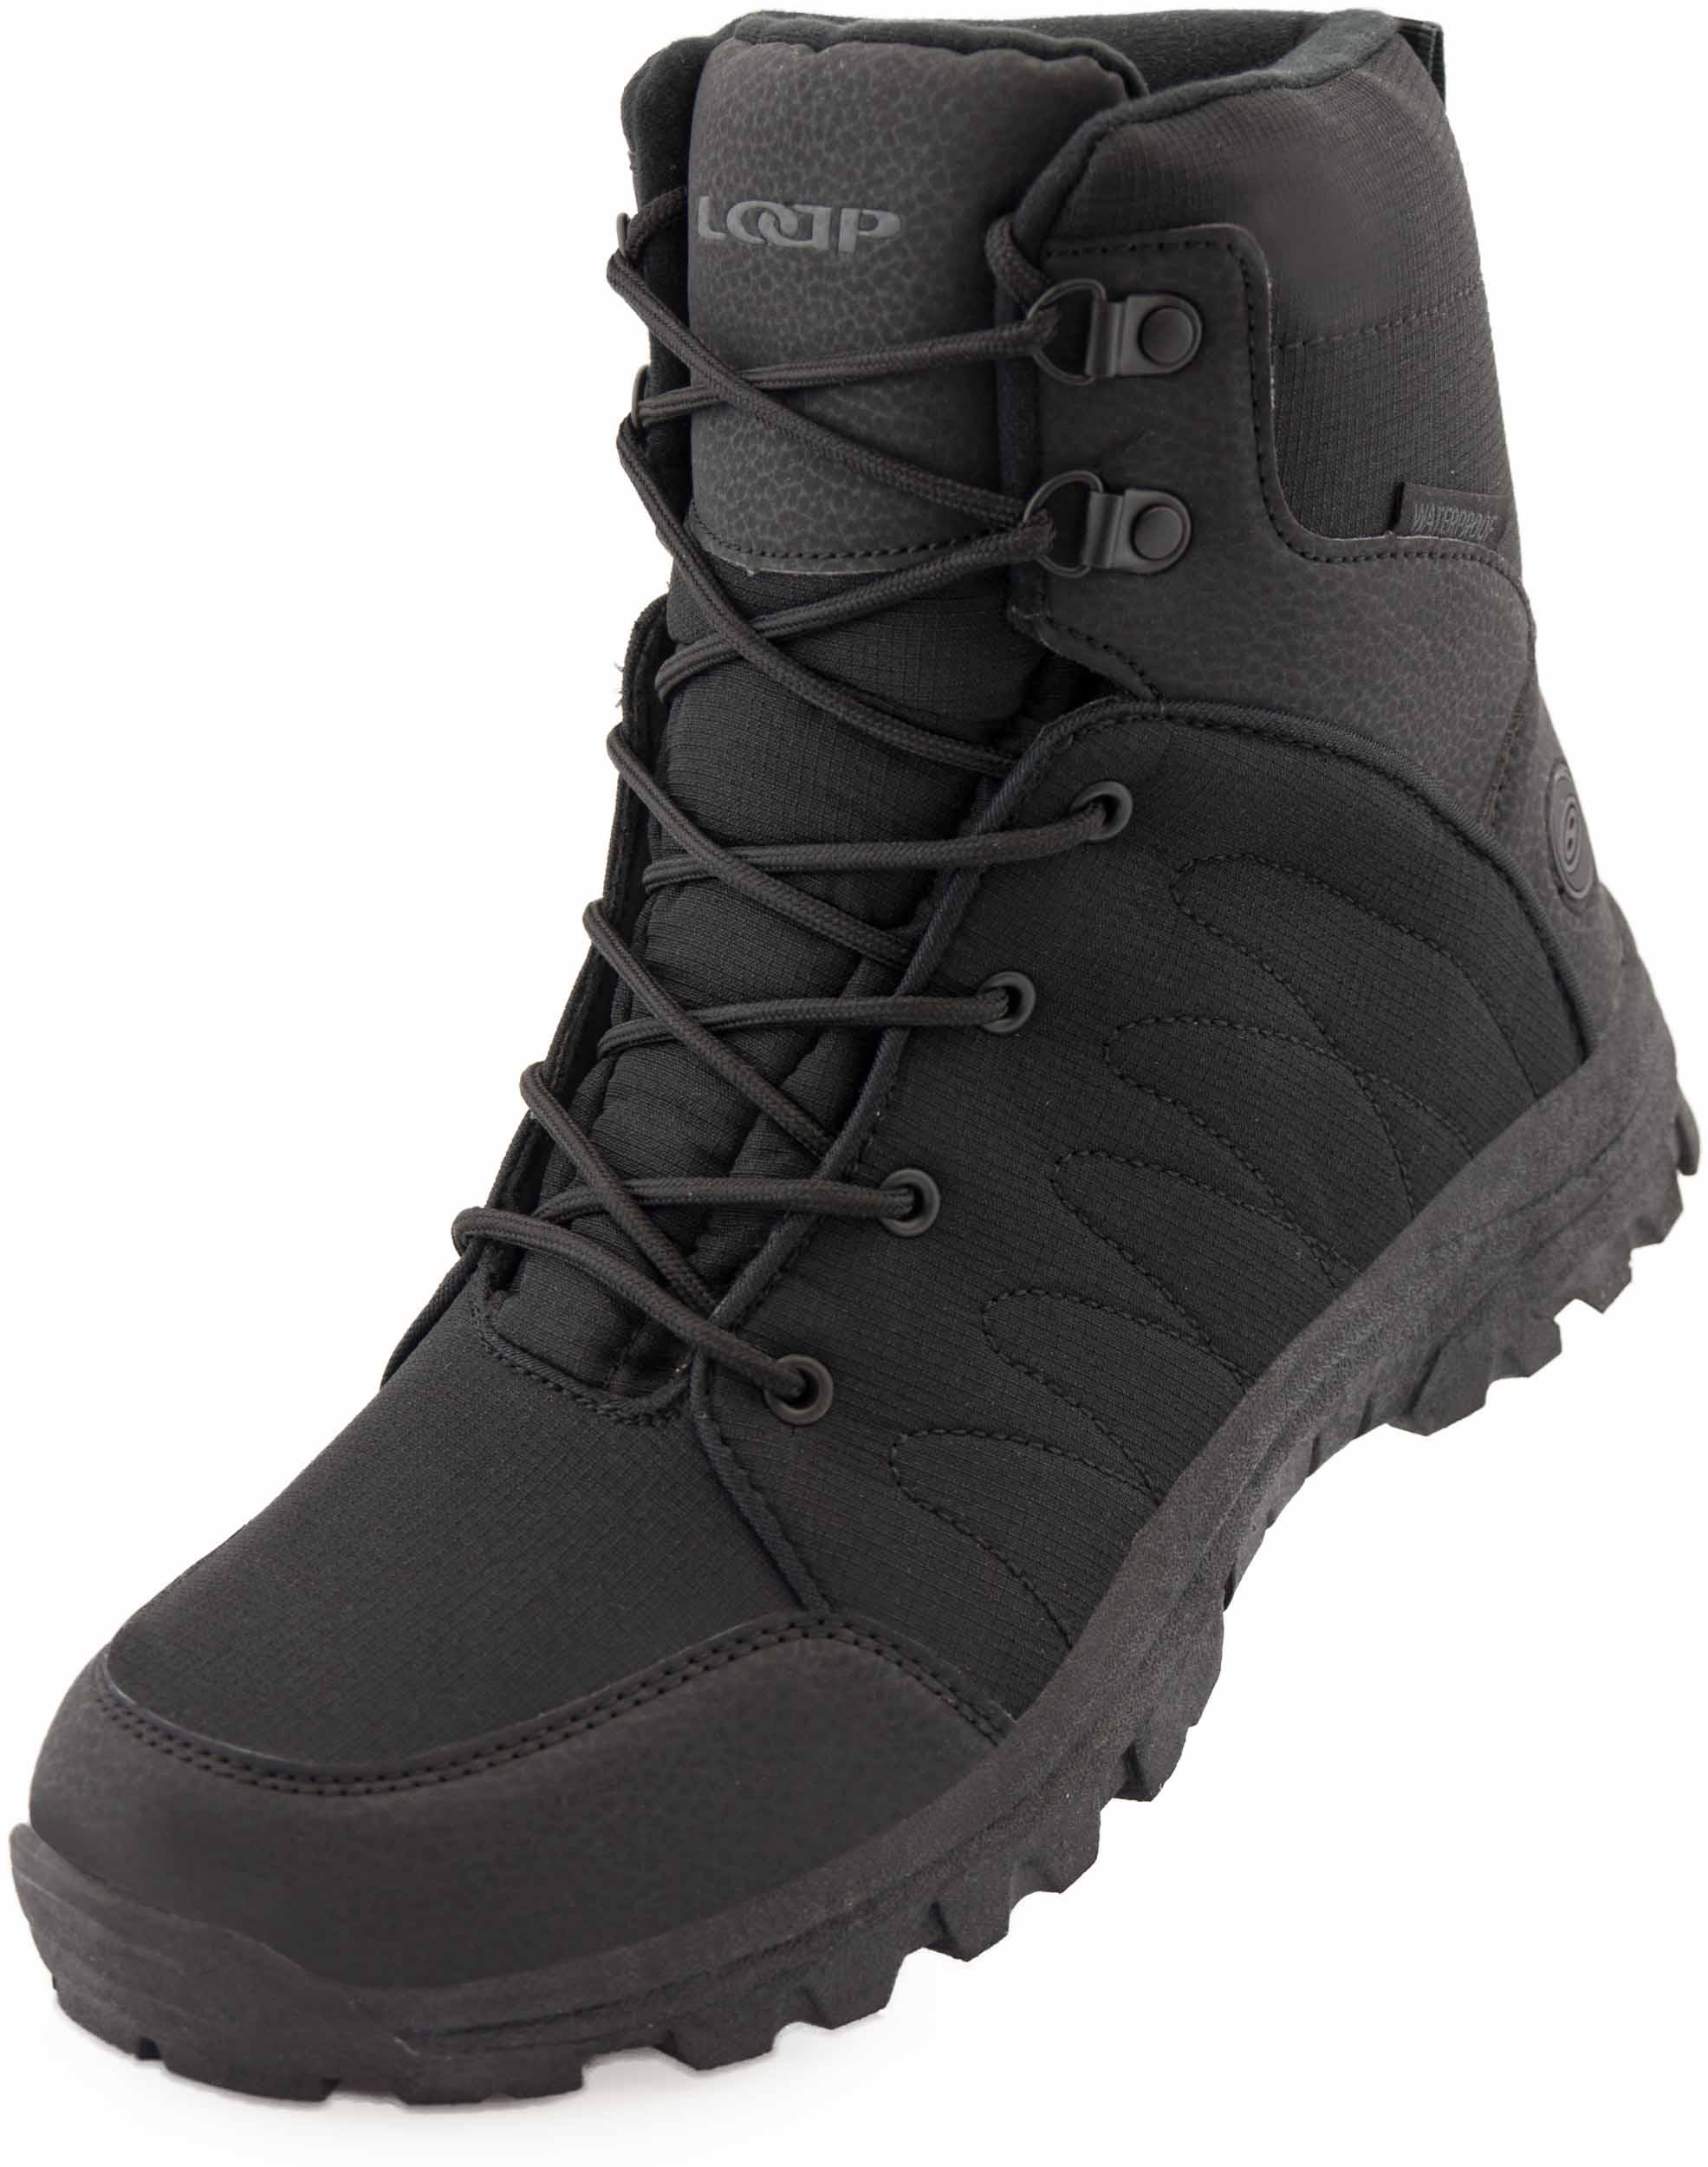 Pánská zimní obuv Loap Norwich